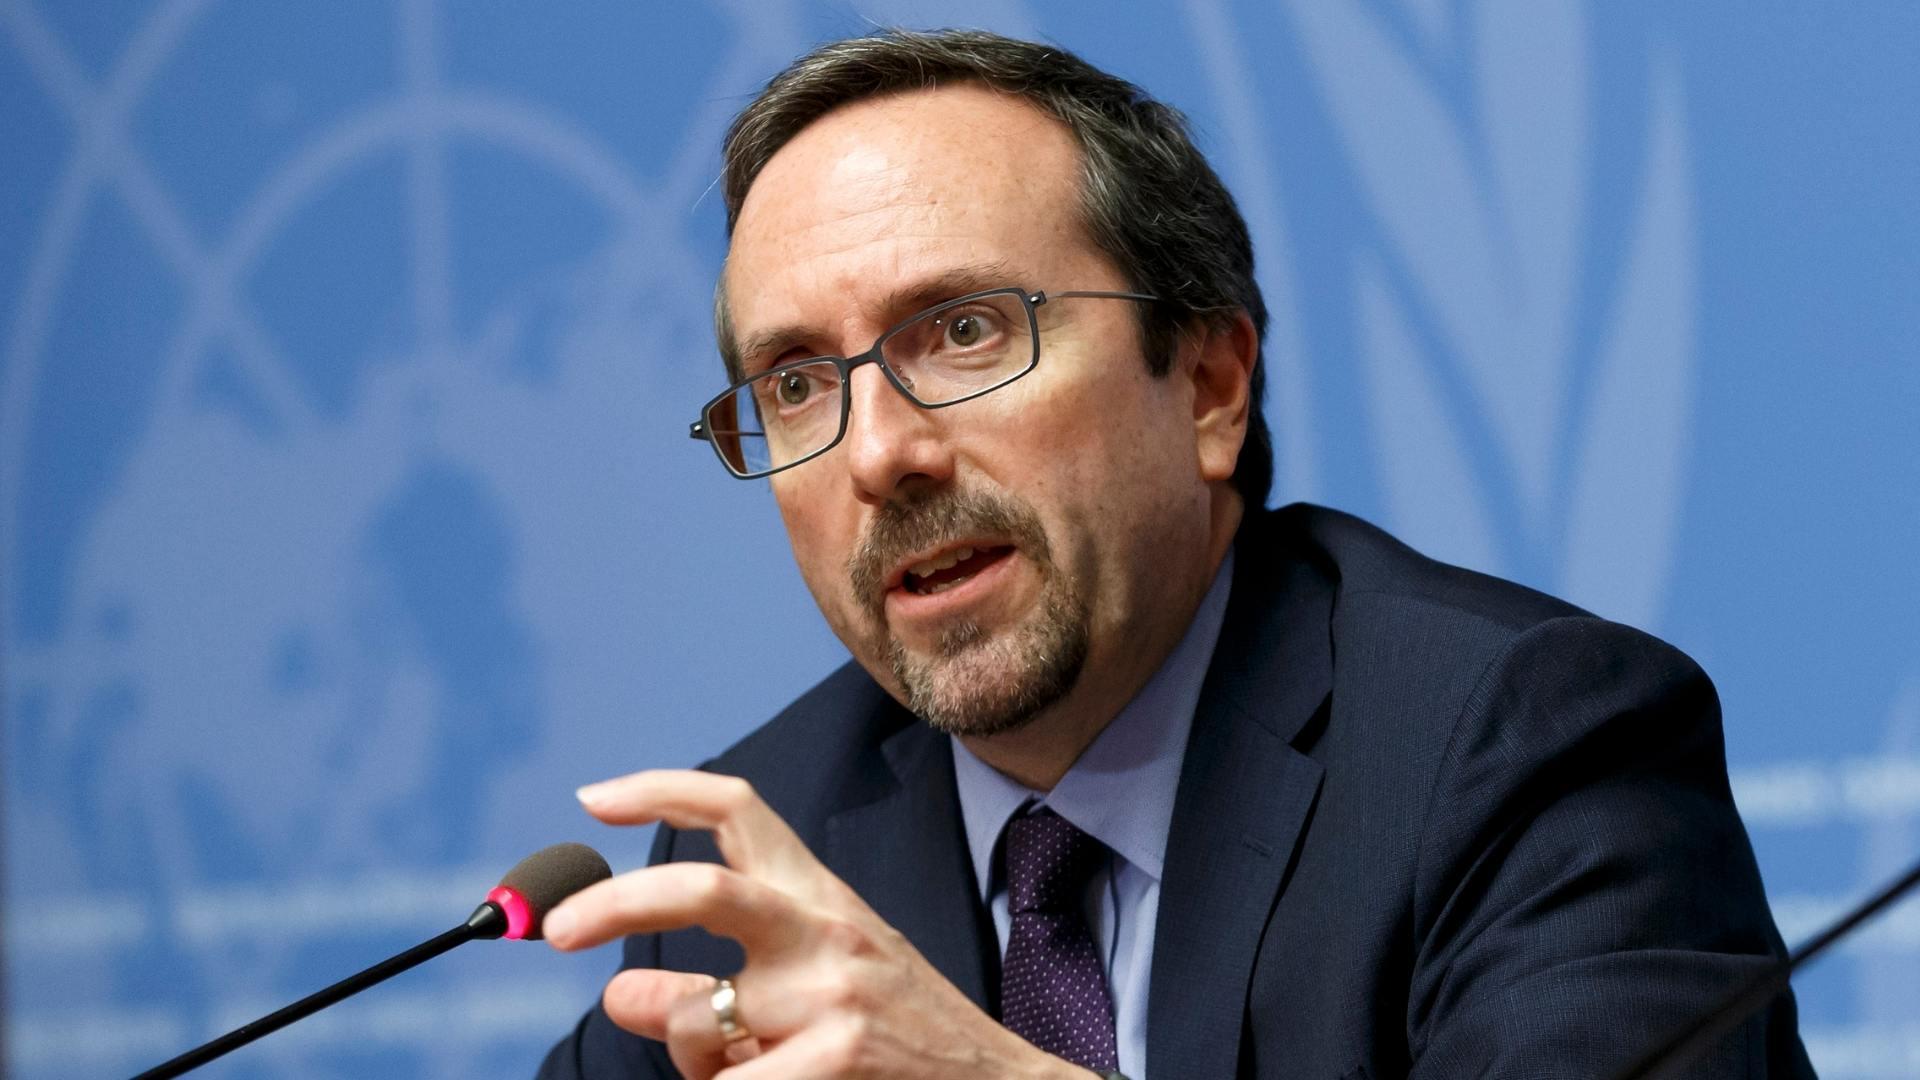 Байден выдвинул экс-посла США в Грузии на пост заместителя госсекретаря